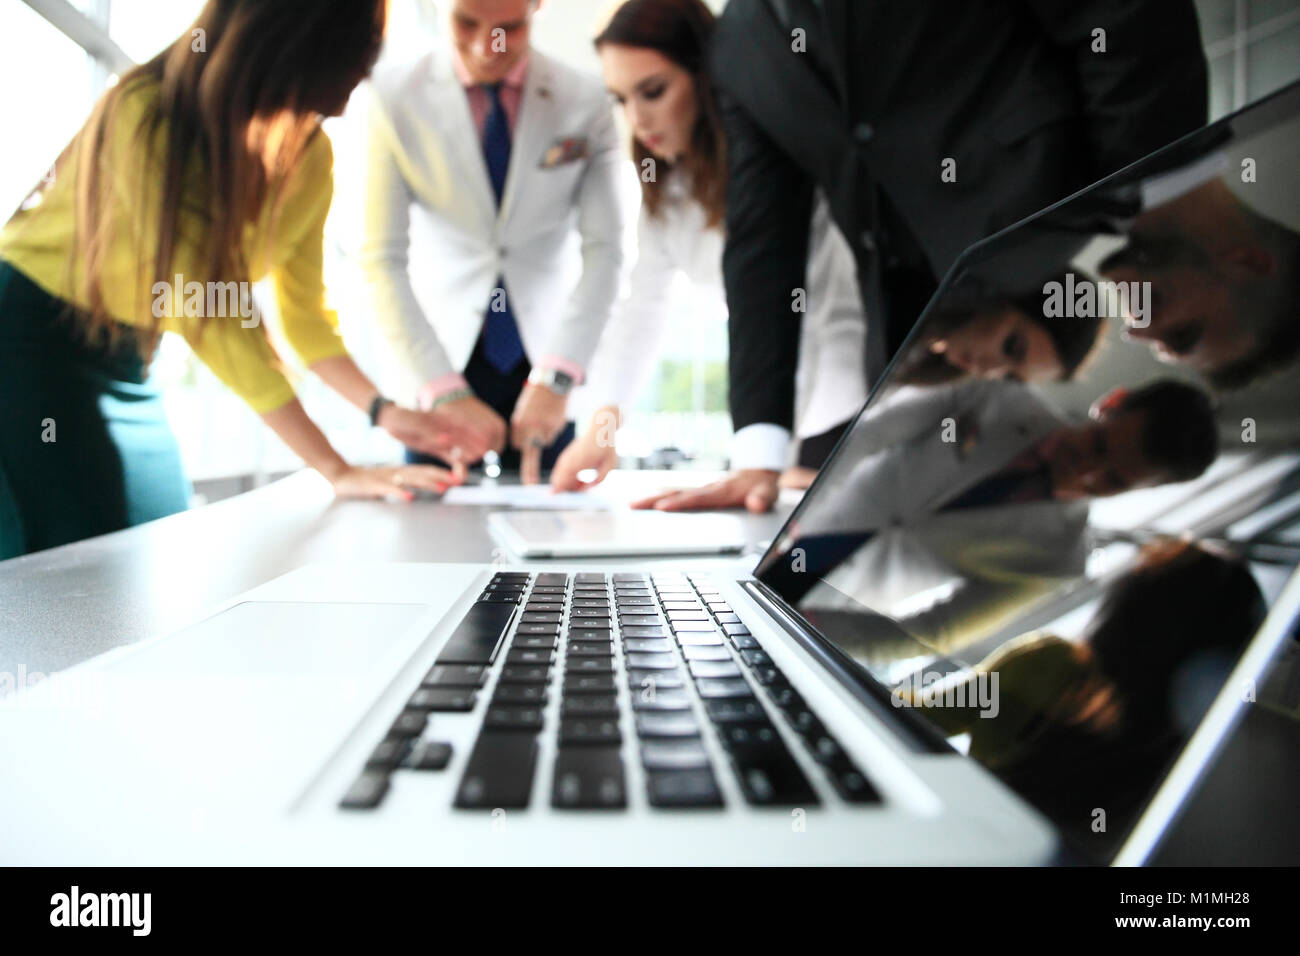 Equipo empresarial discutir juntos los planes de negocios Imagen De Stock